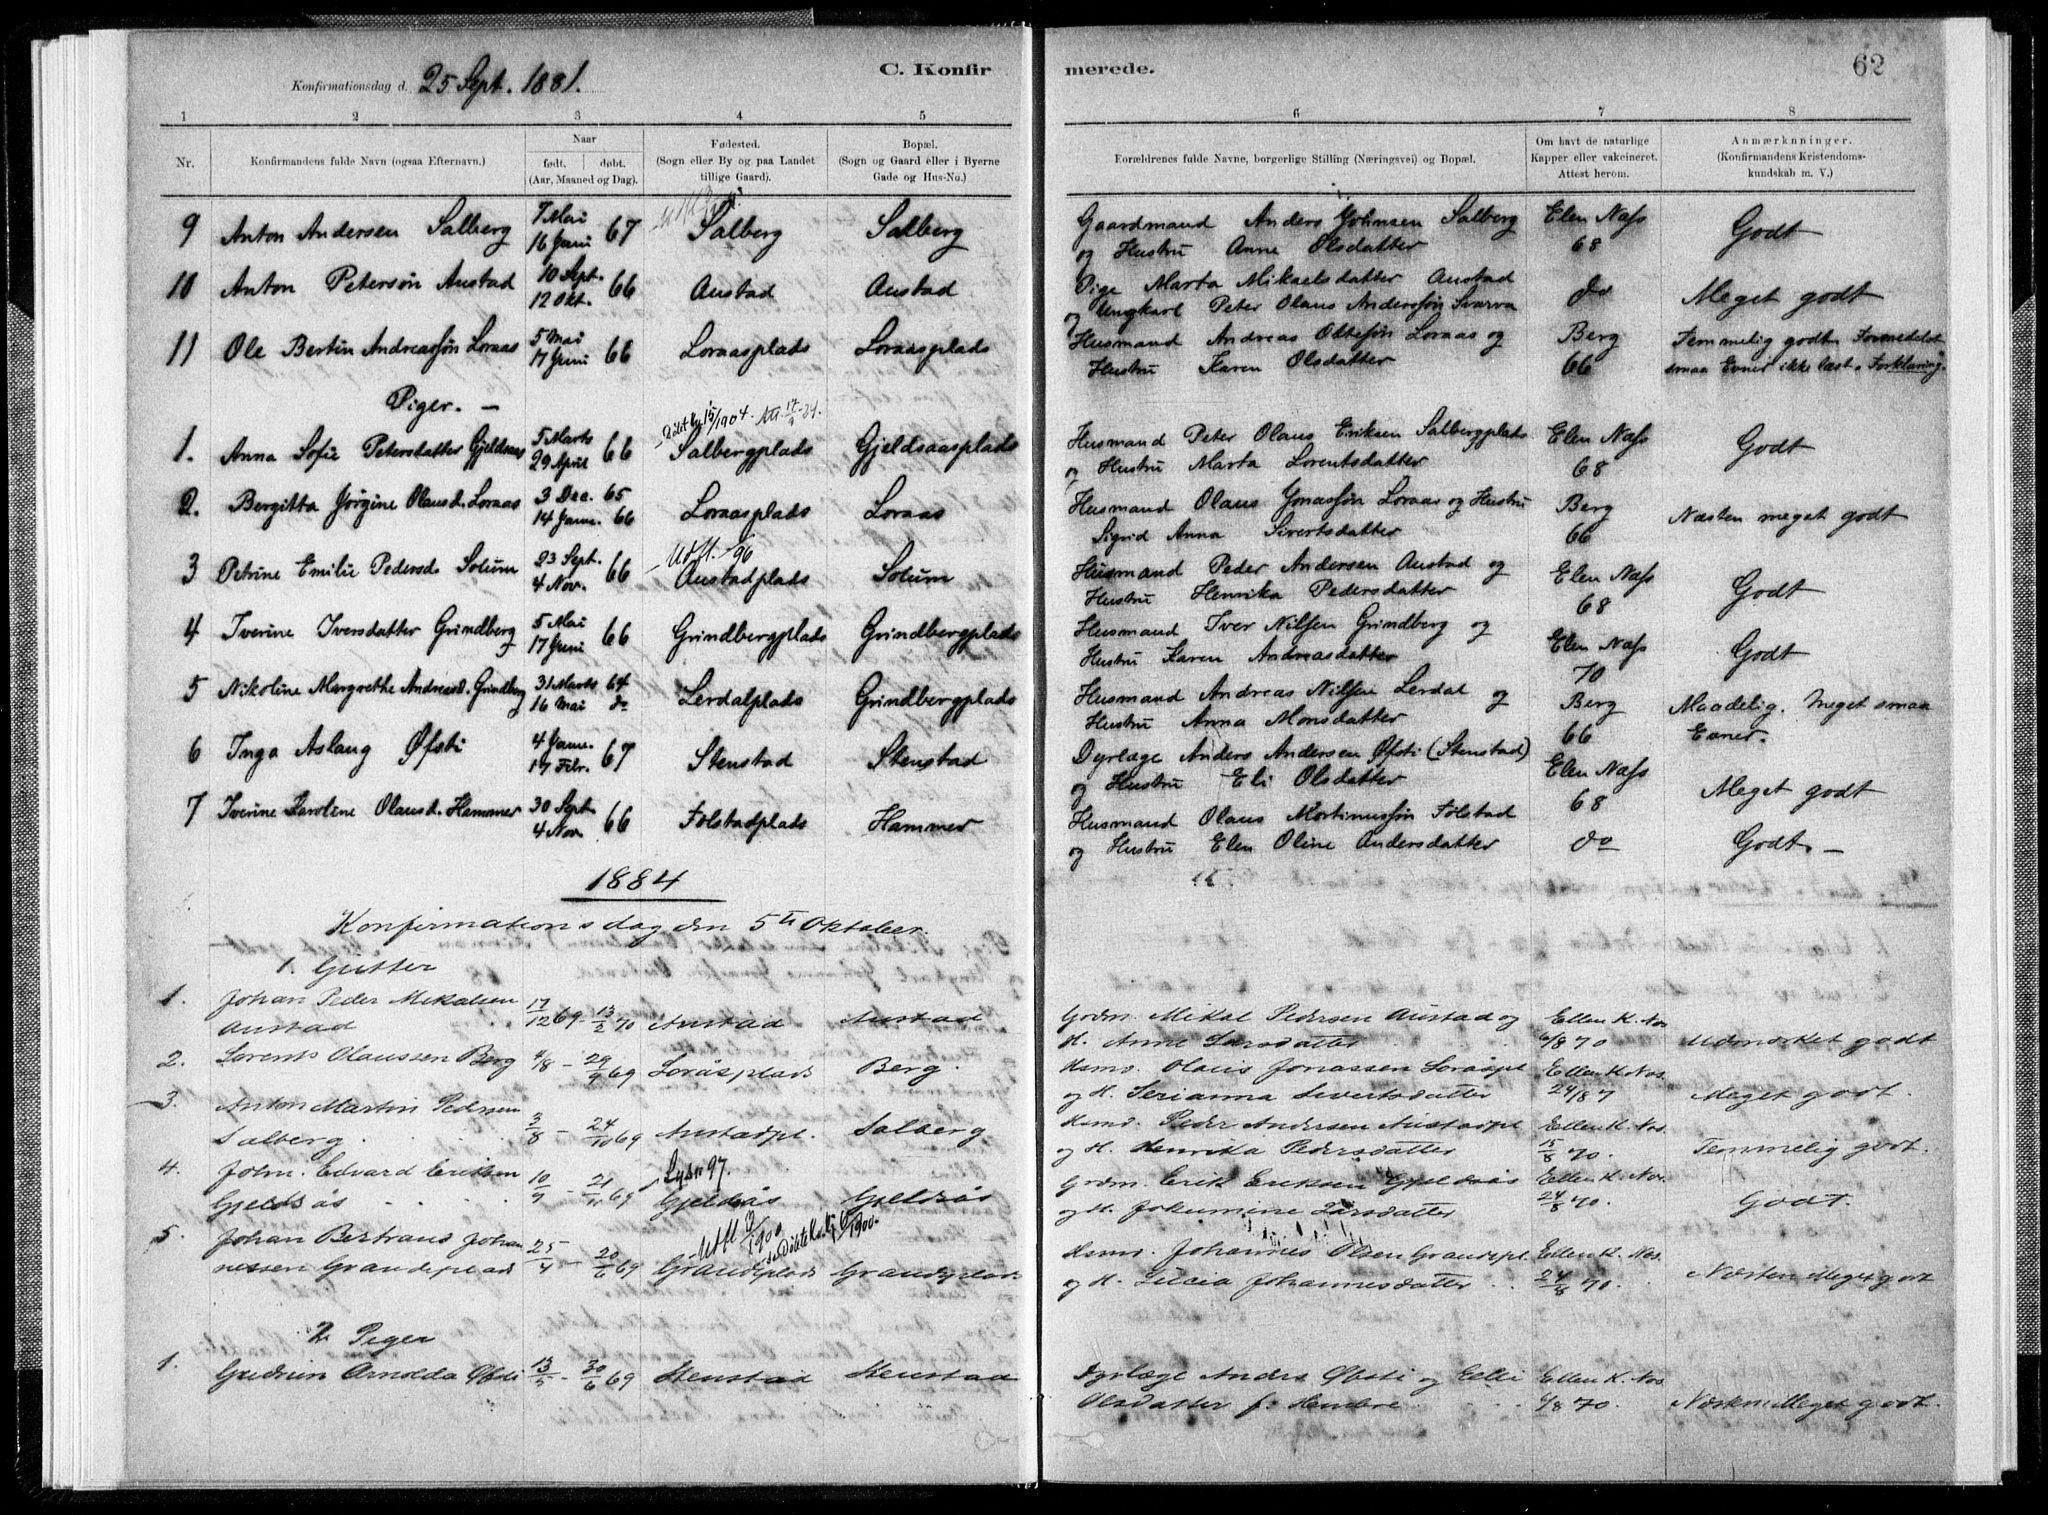 SAT, Ministerialprotokoller, klokkerbøker og fødselsregistre - Nord-Trøndelag, 731/L0309: Ministerialbok nr. 731A01, 1879-1918, s. 62